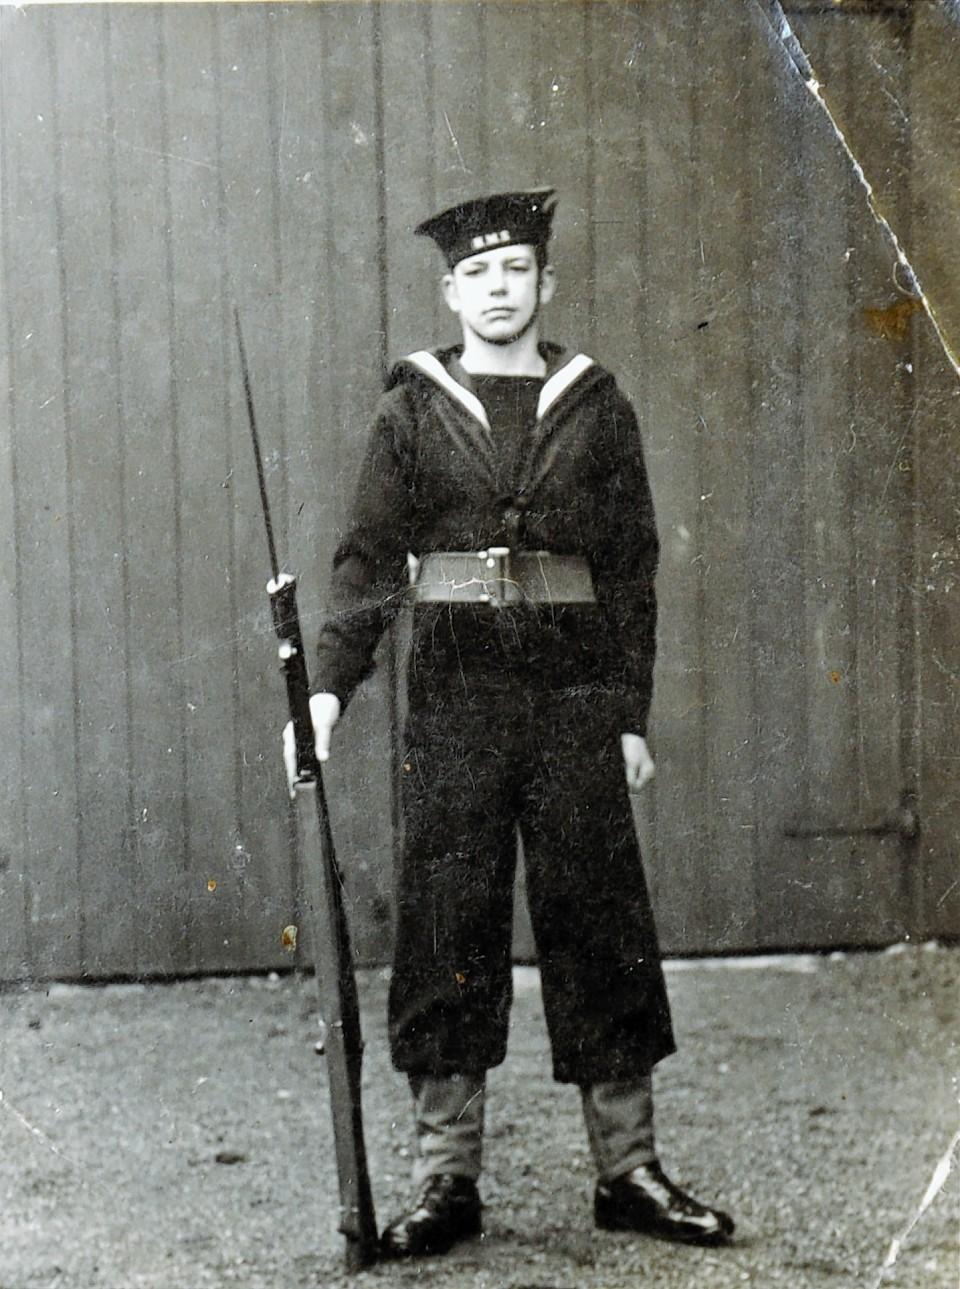 Arctic Convoy veteran, Bob Owen, as a boy sailor in 1941